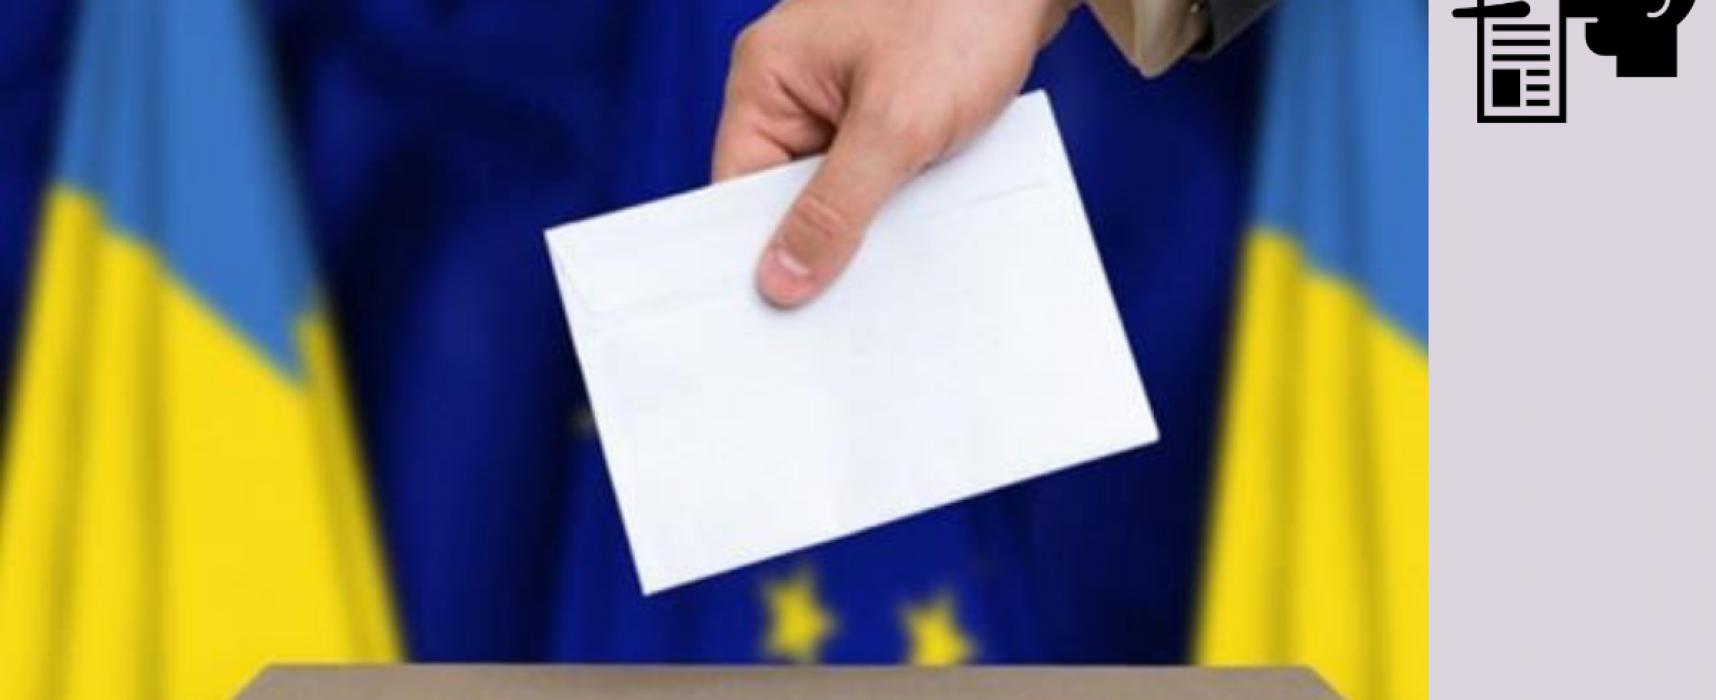 Fake: Ukrainische Präsidentschaftskandidaten finanzieren sich aus zwielichtigen Finanzquellen